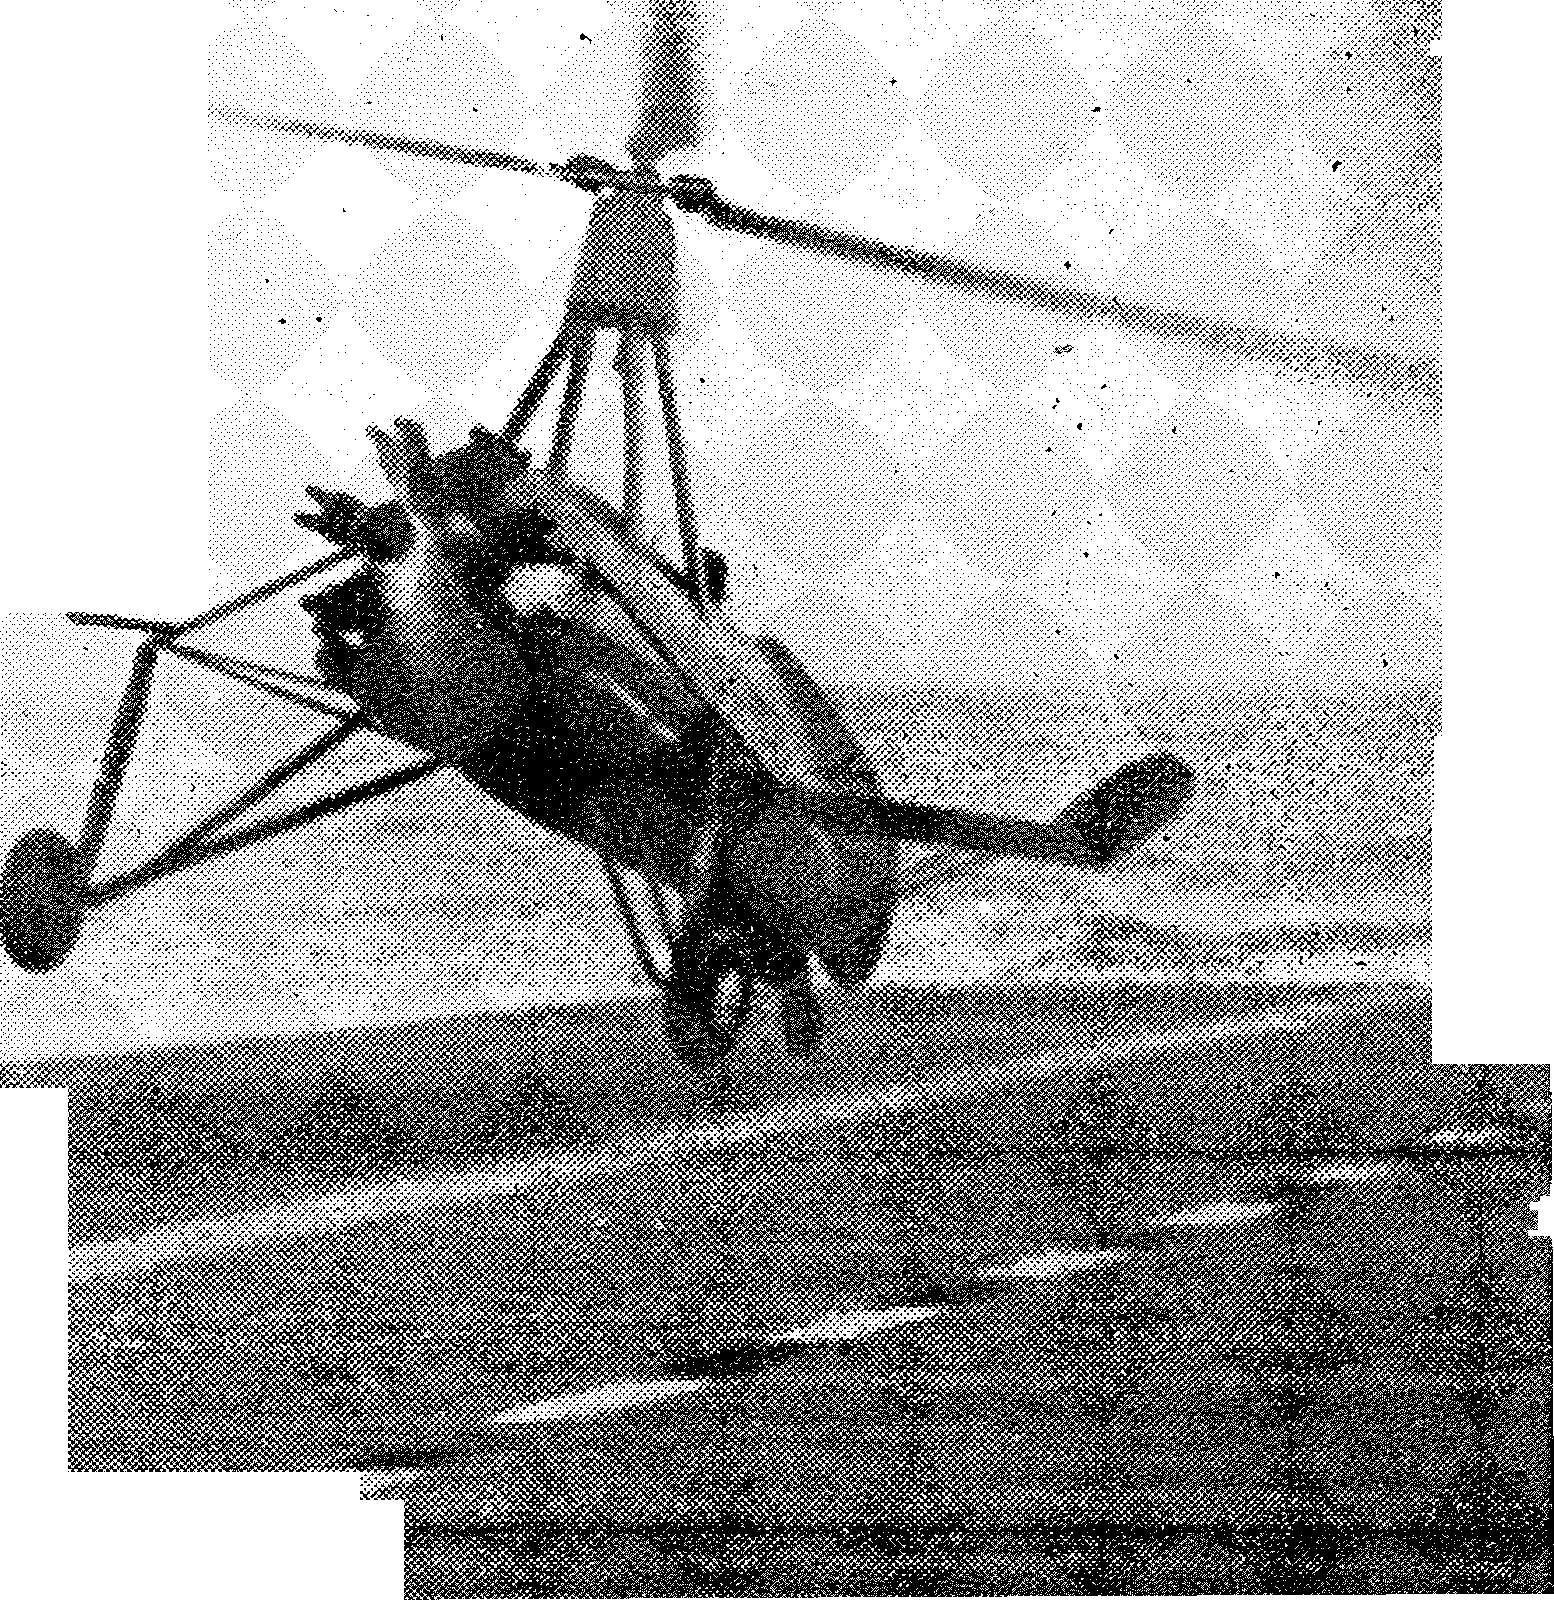 Luftfahrt und Luftwaffe im Zweiten Weltkrieg 1942